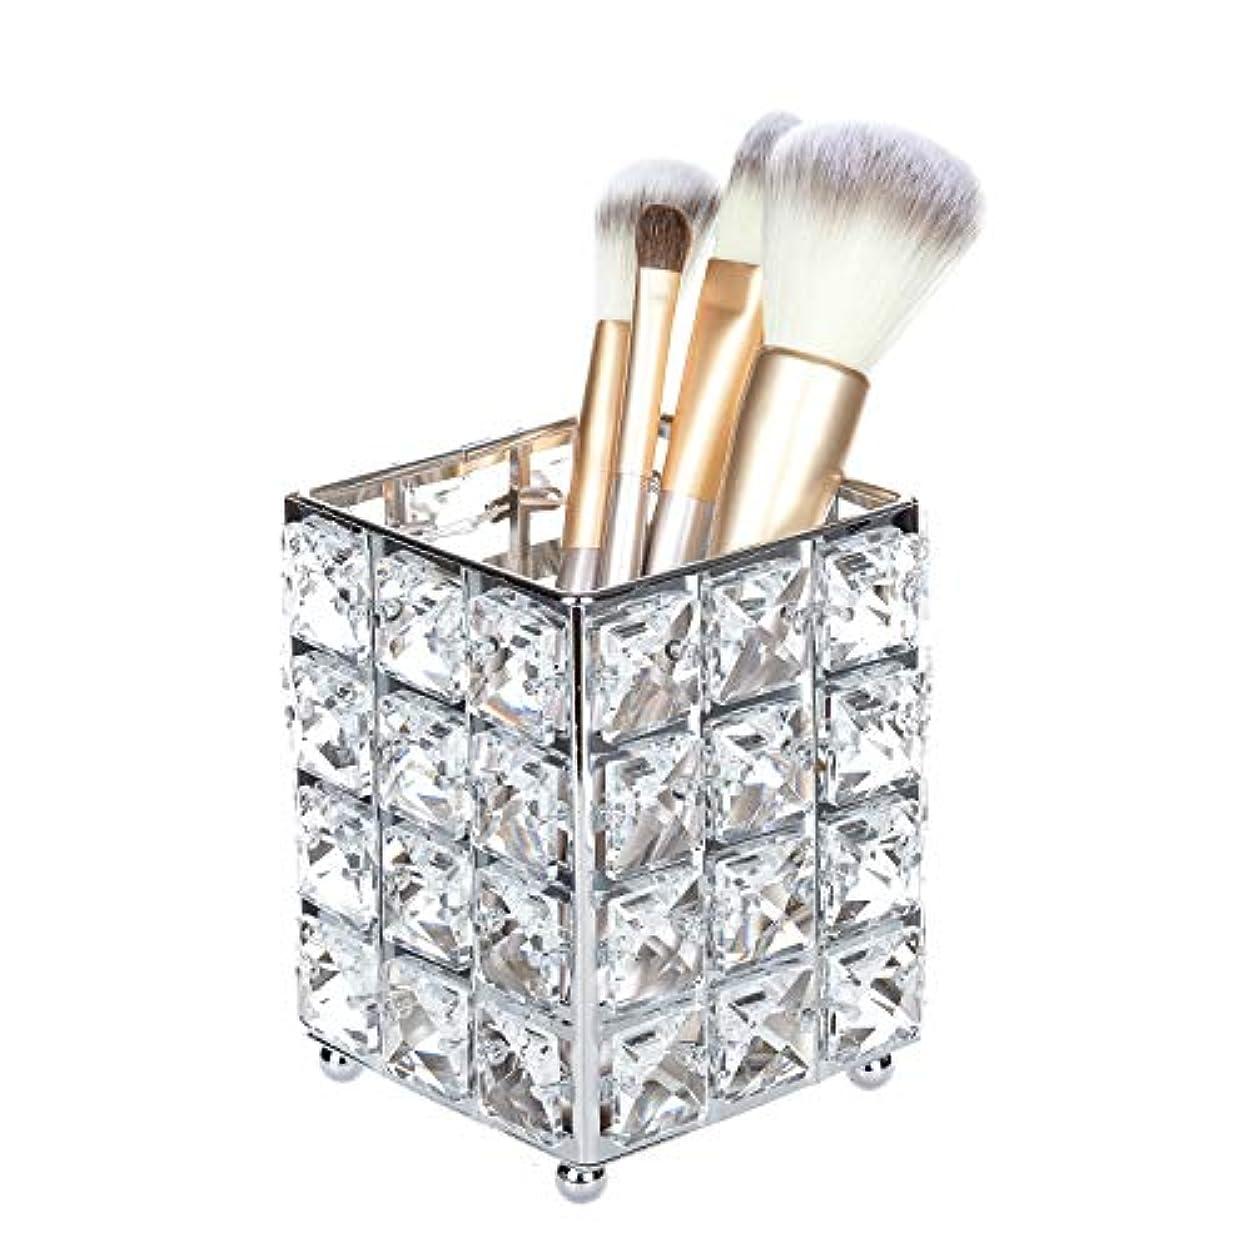 証明ネストクロスFeyarl メイクブラシケース ブラシスタンド 化粧ブラシホルダー 化粧ブラシ収納 ブラシ入れ 小物収納 方形 シルバー